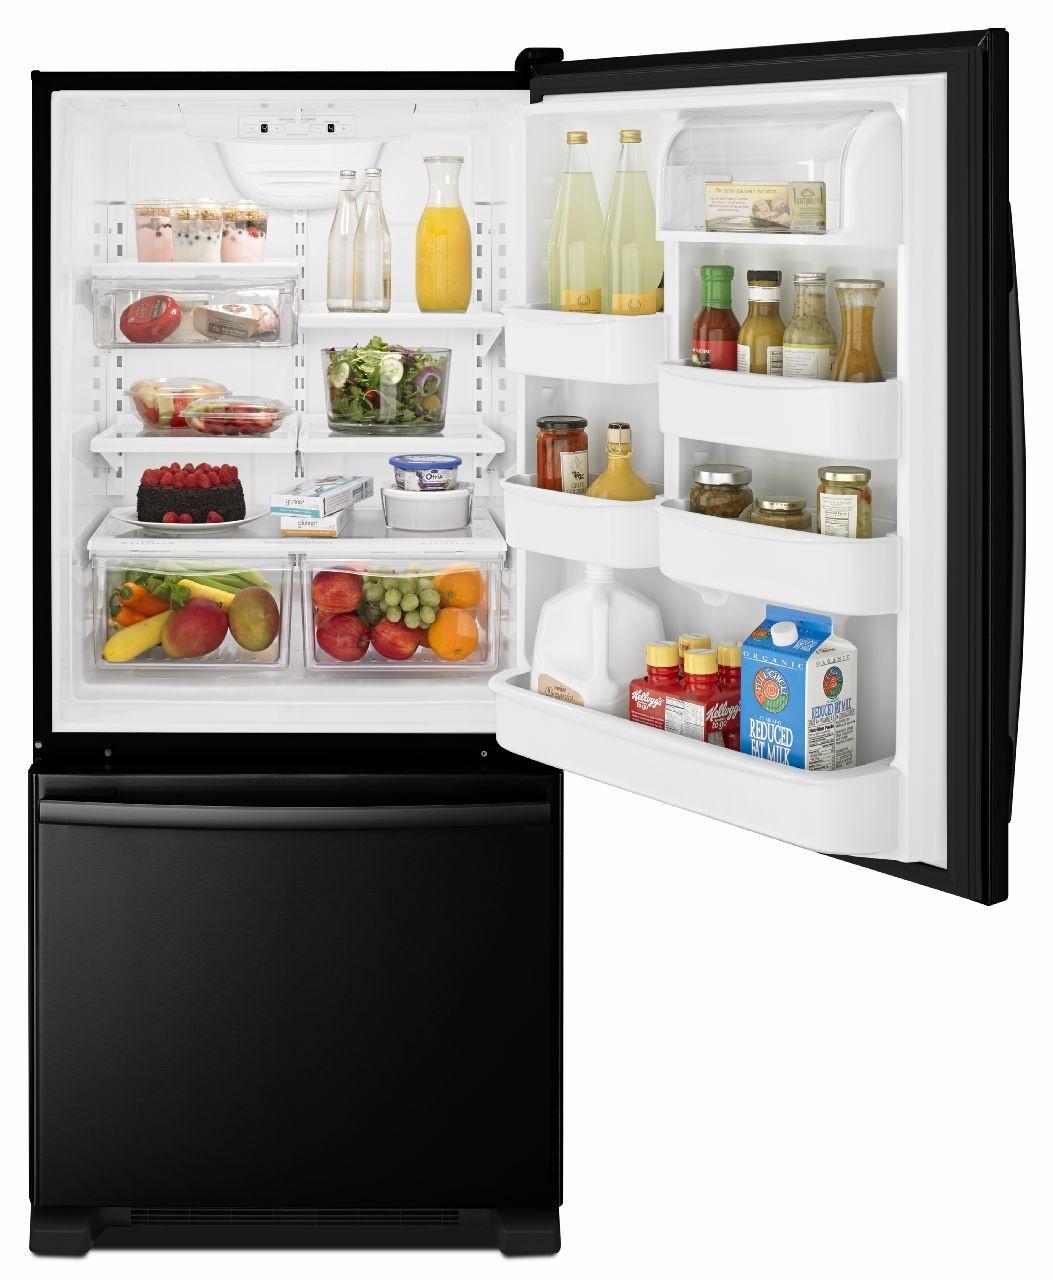 Amana Abb1924brb Bottom Freezer Refrigerator Refrigerator Freezer